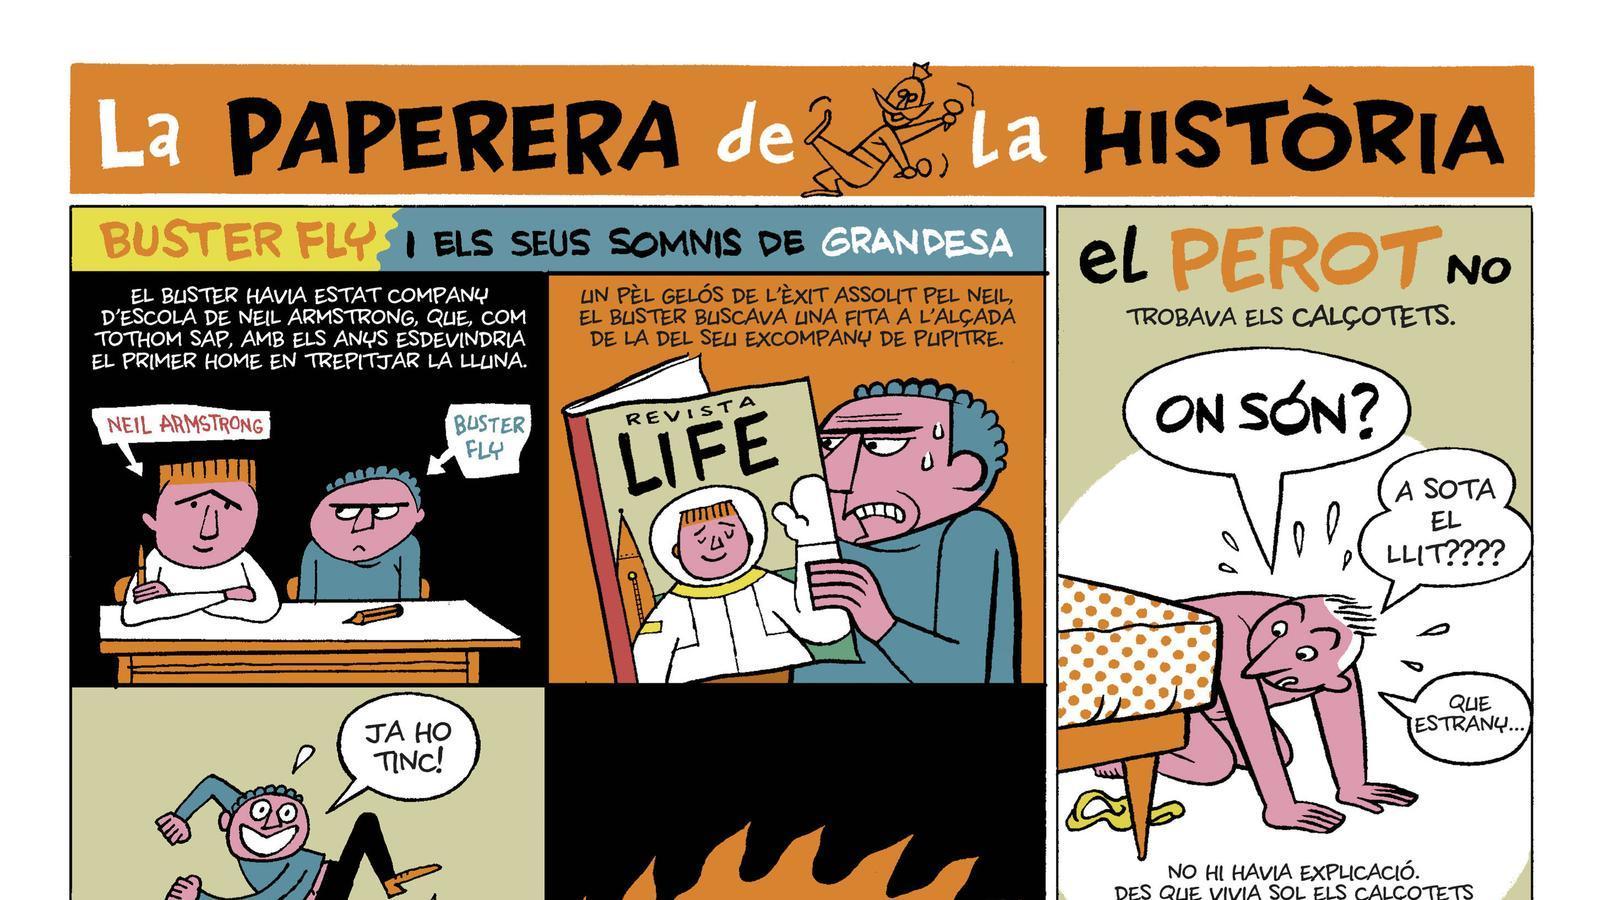 La paperera de la història (4)